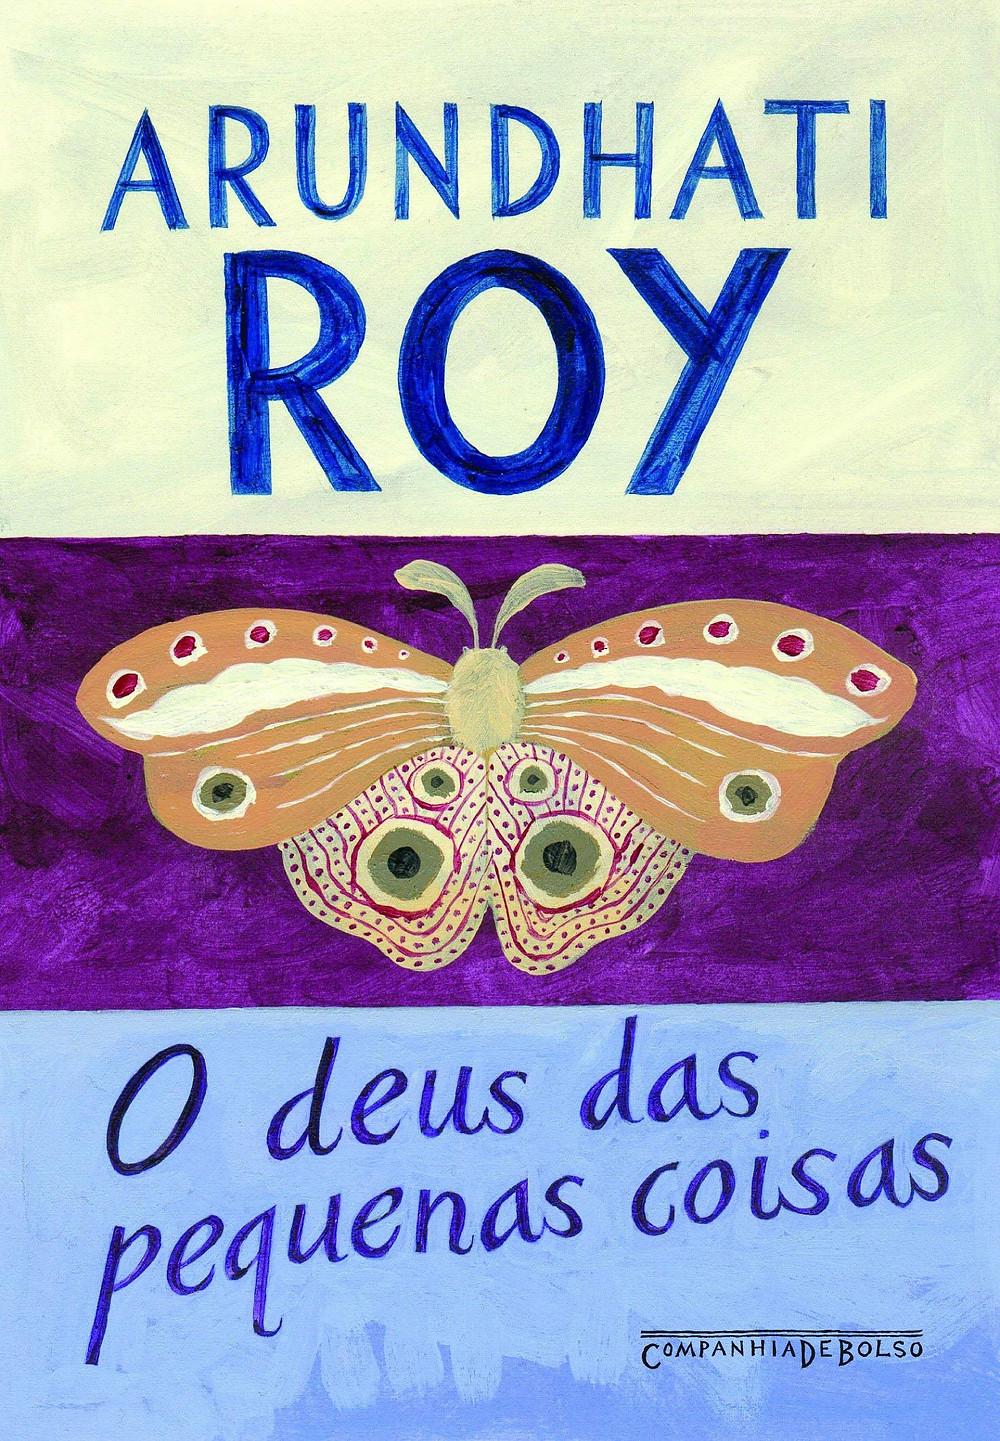 O Deus das Pequenas Coisas romance de Arundhati Roy